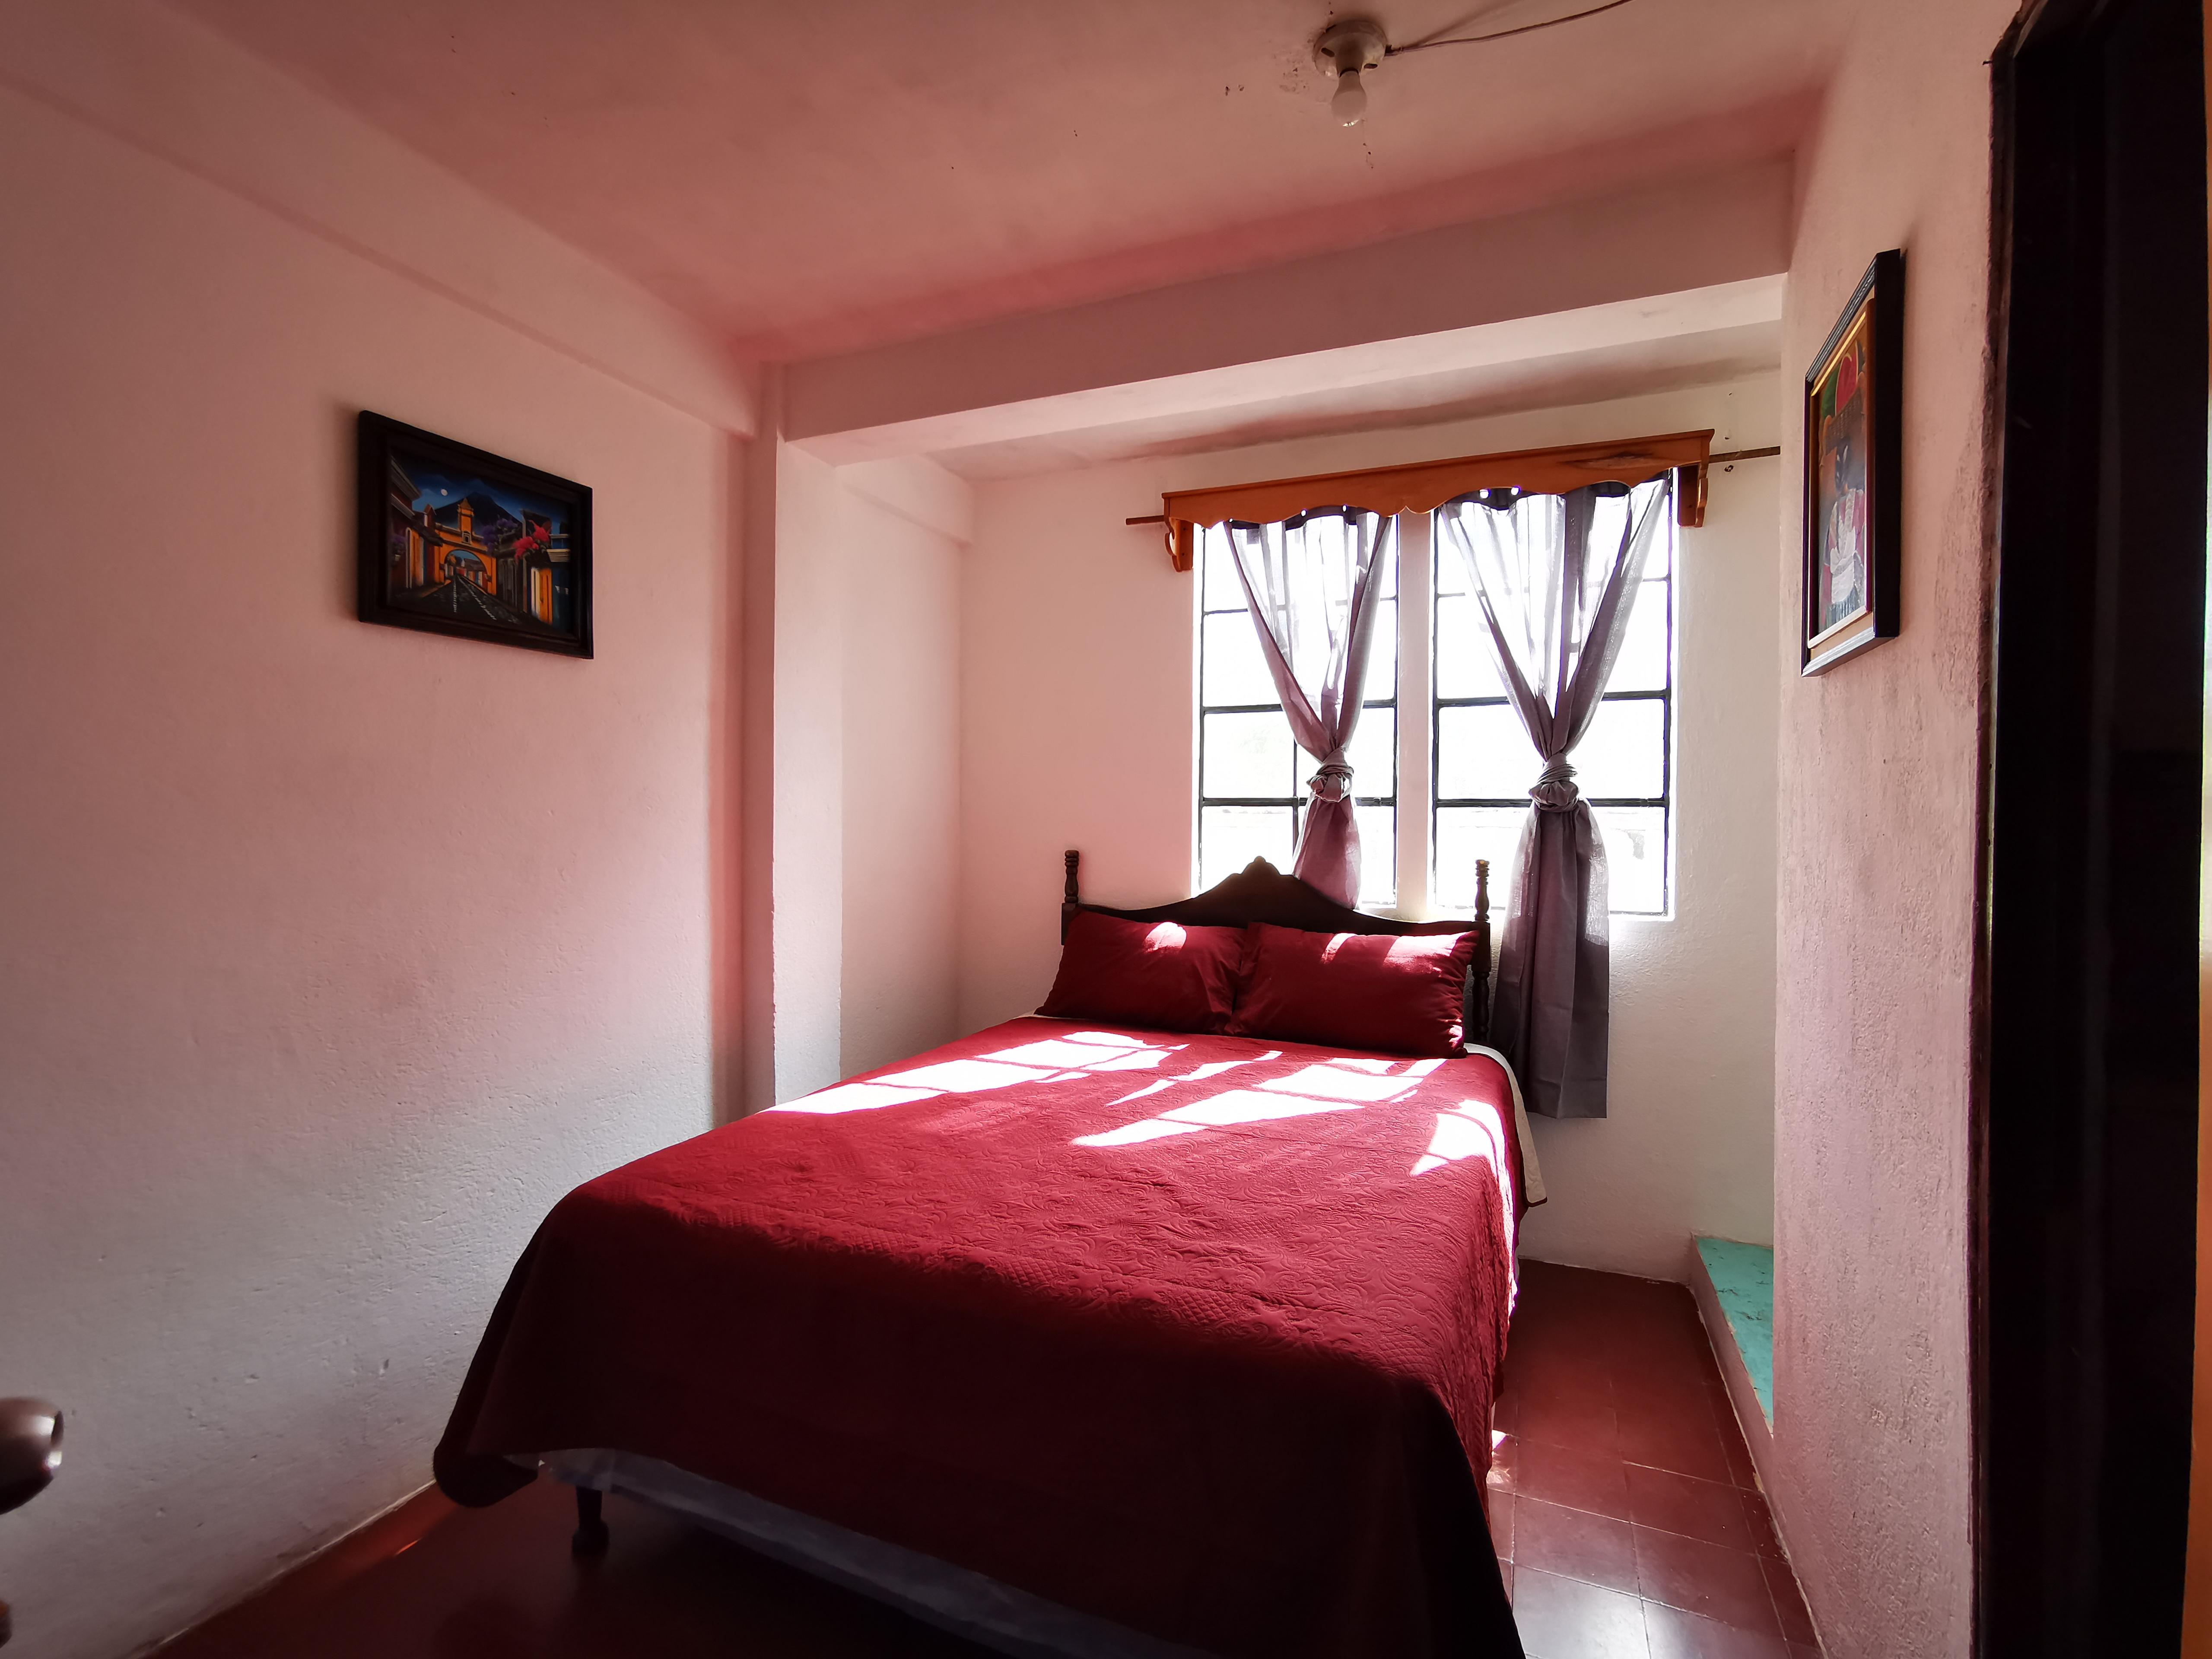 Habiatciones centricas en Antigua Guatemala